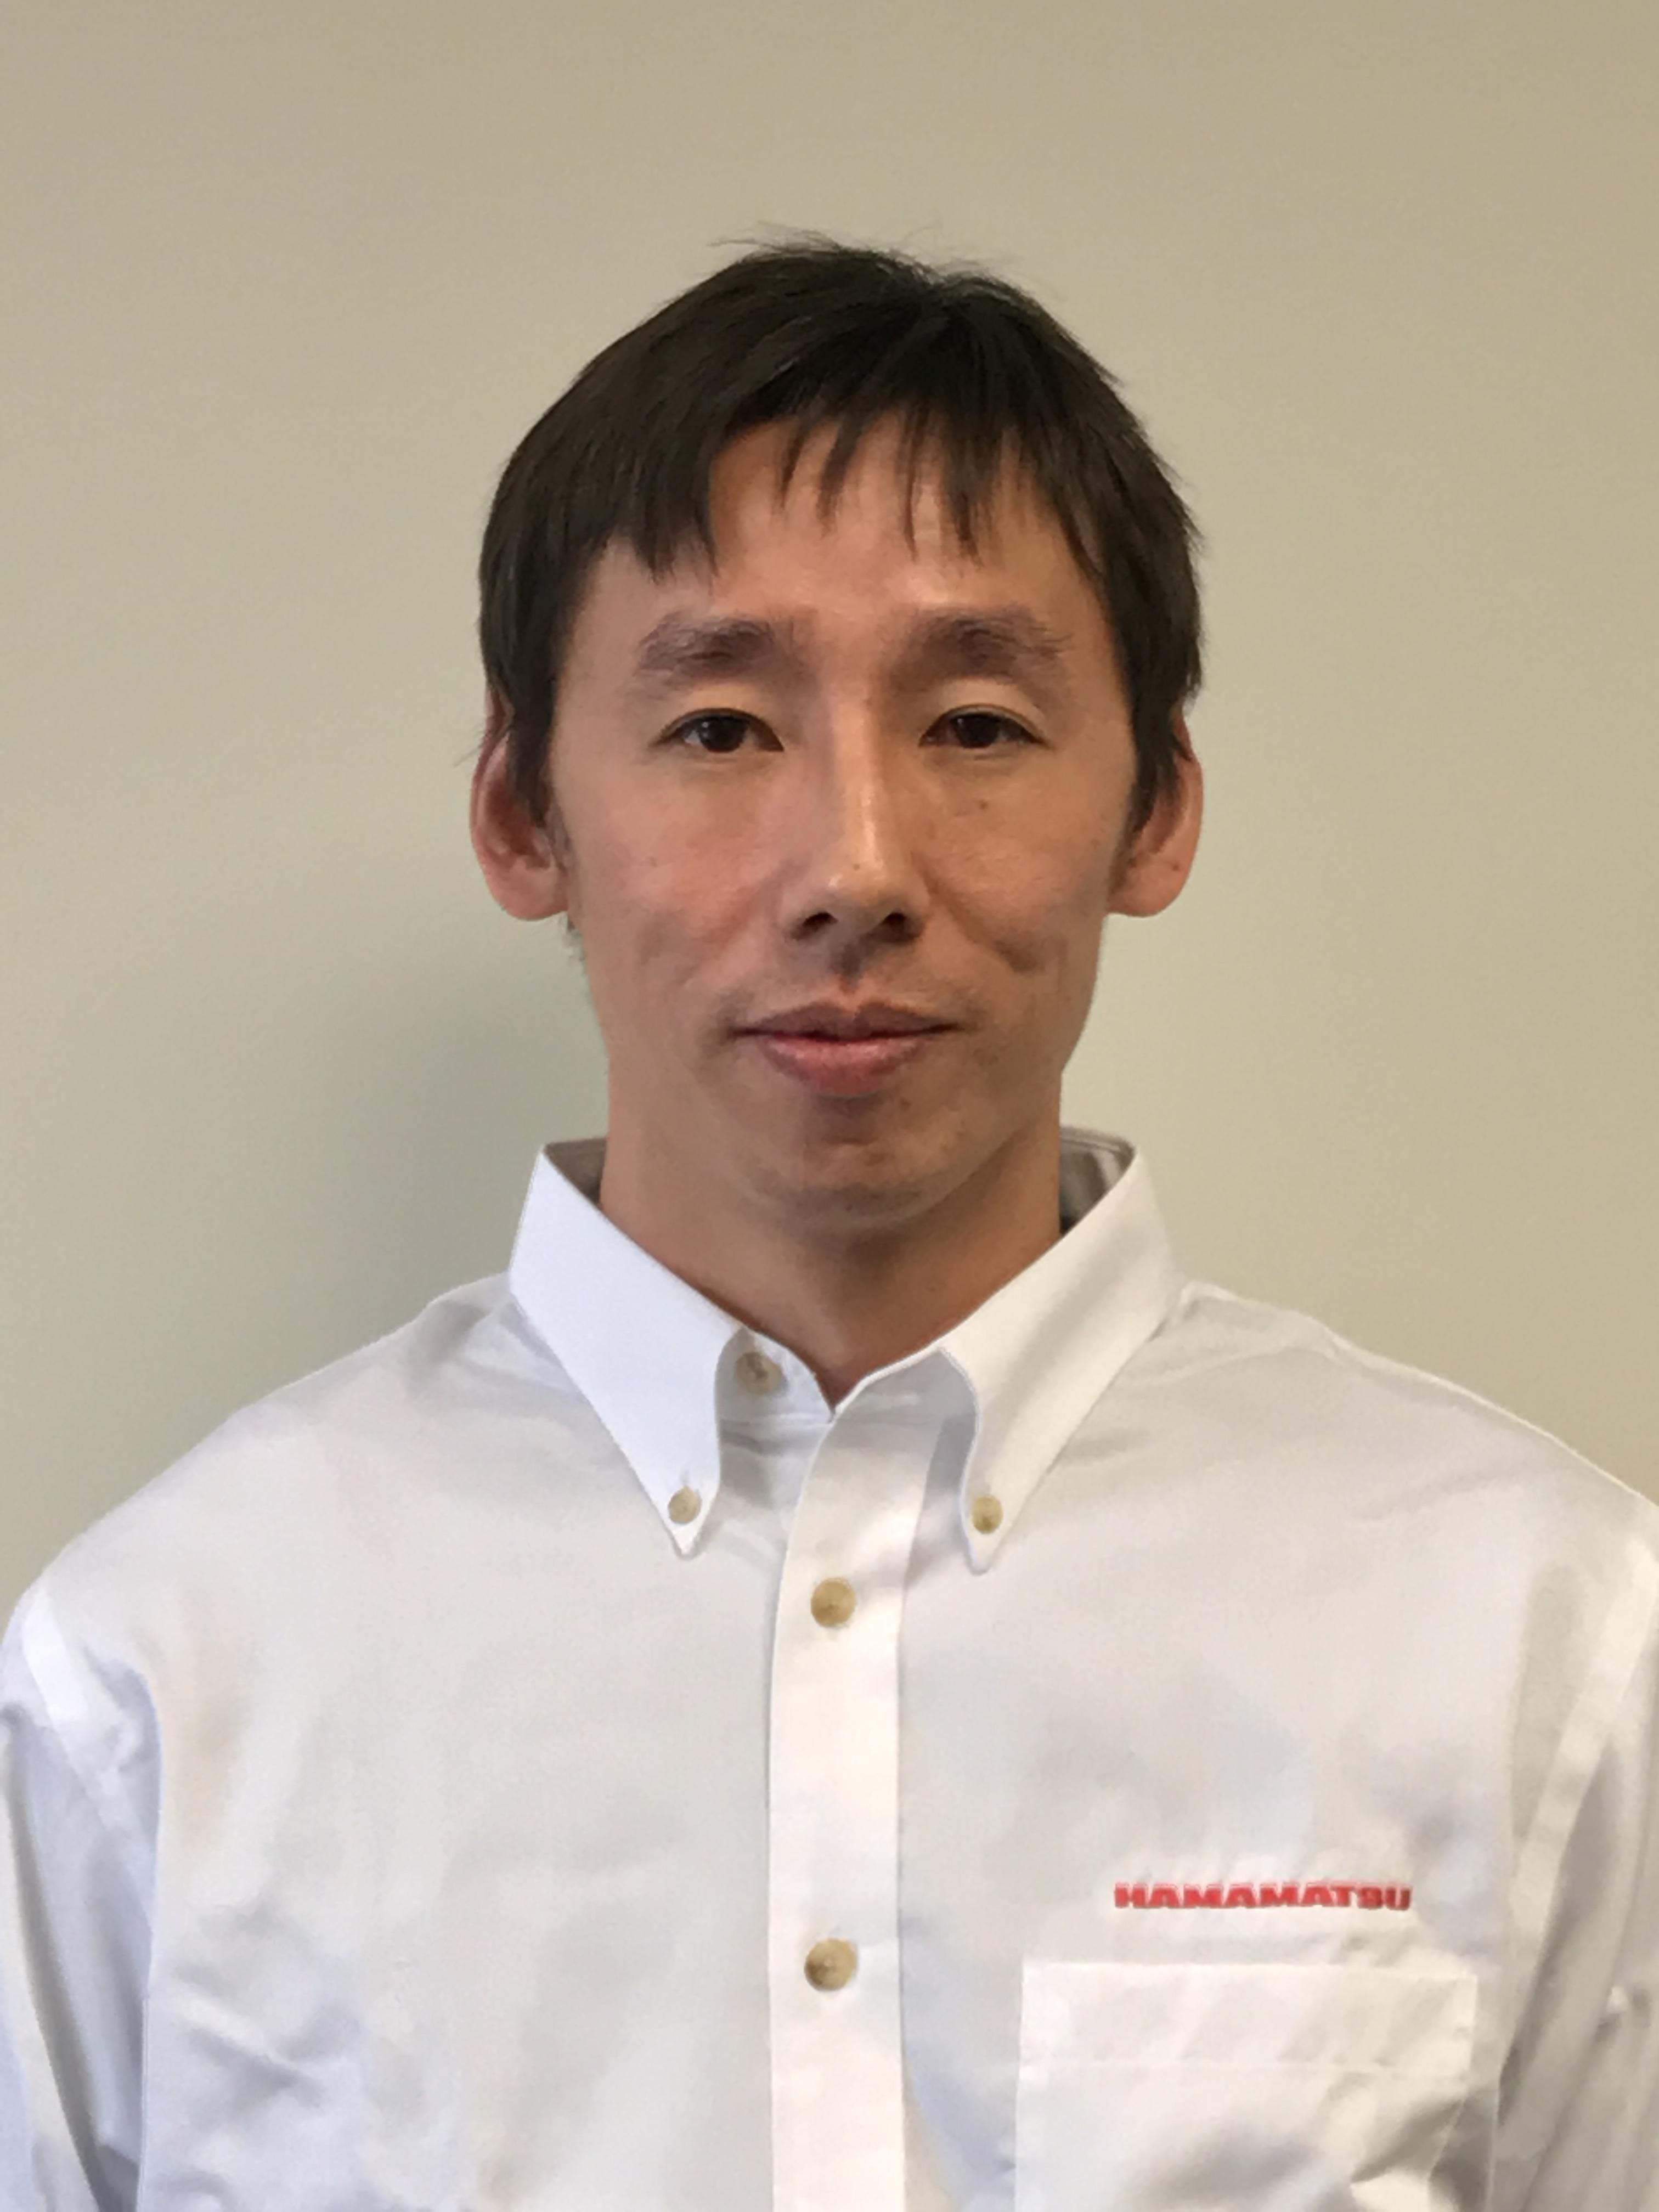 Jake Li